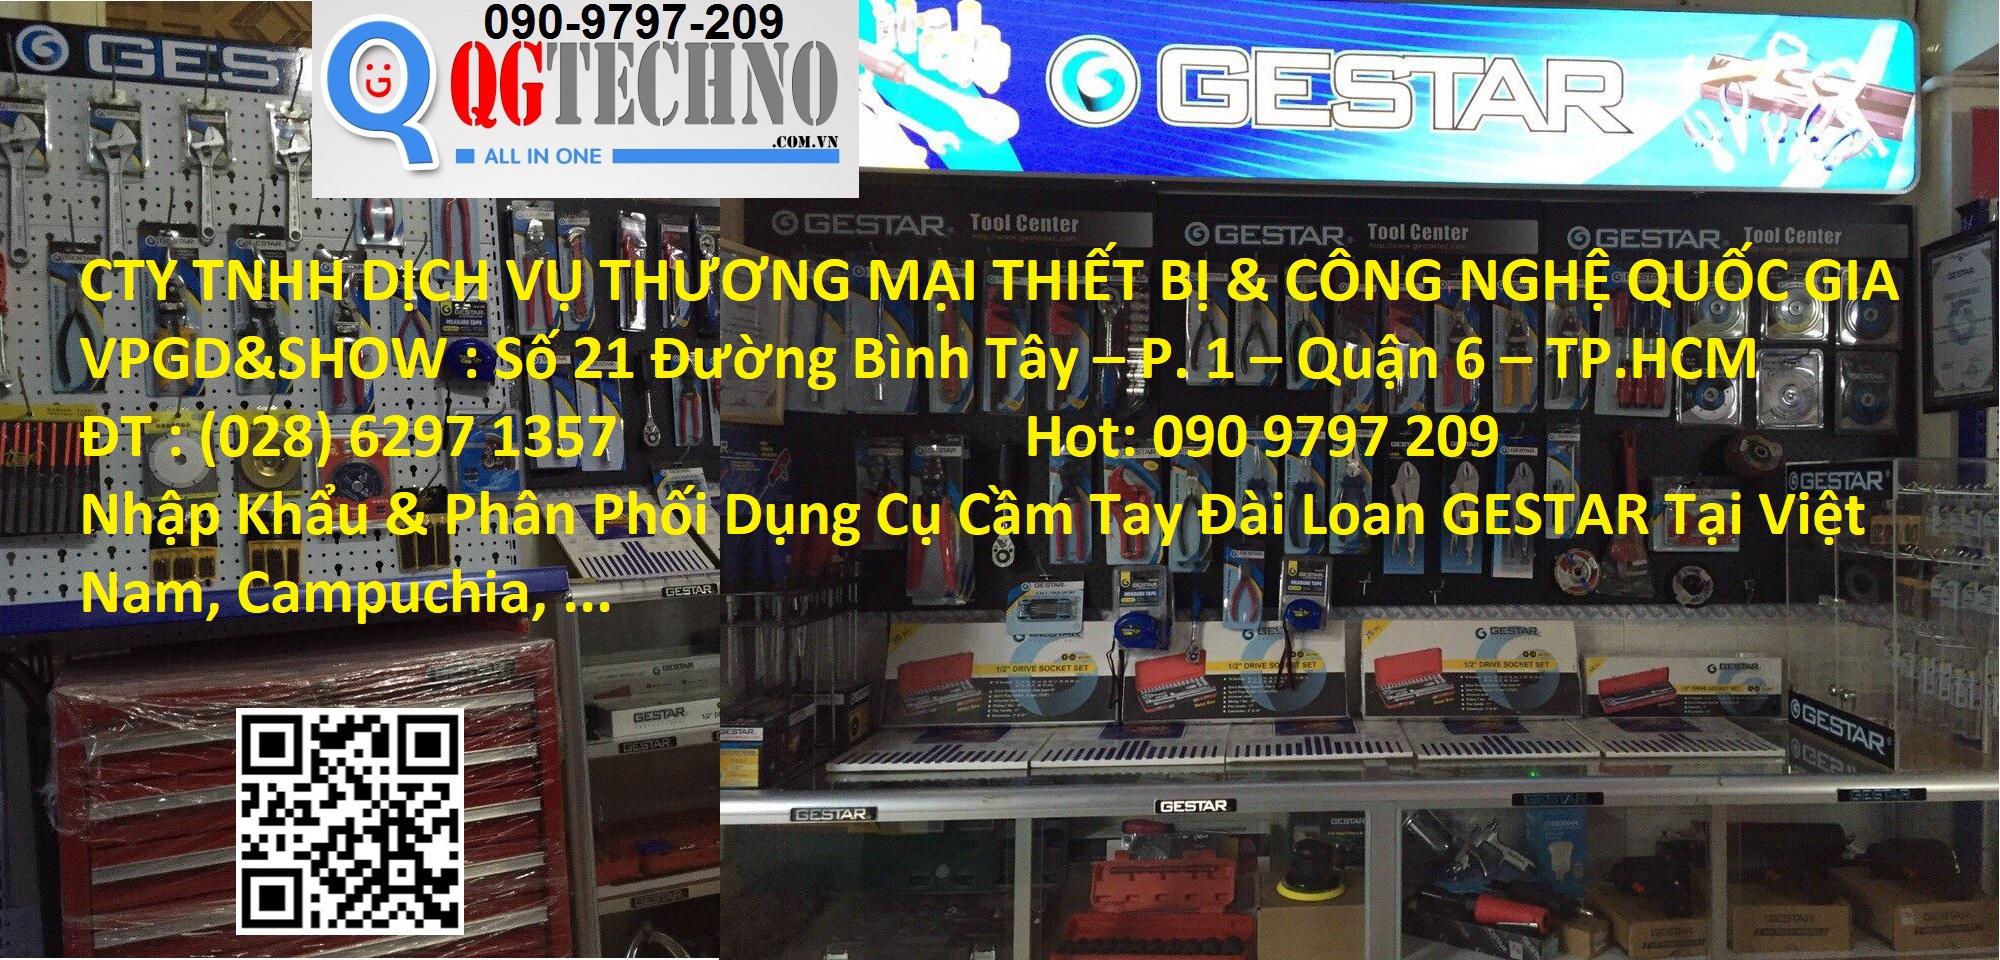 nhap-khau-phan-phoi-chinh-thuc-dung-cu-do-nghe-cam-tay-dai-loan-taiwan-gestar-960x2000-ok